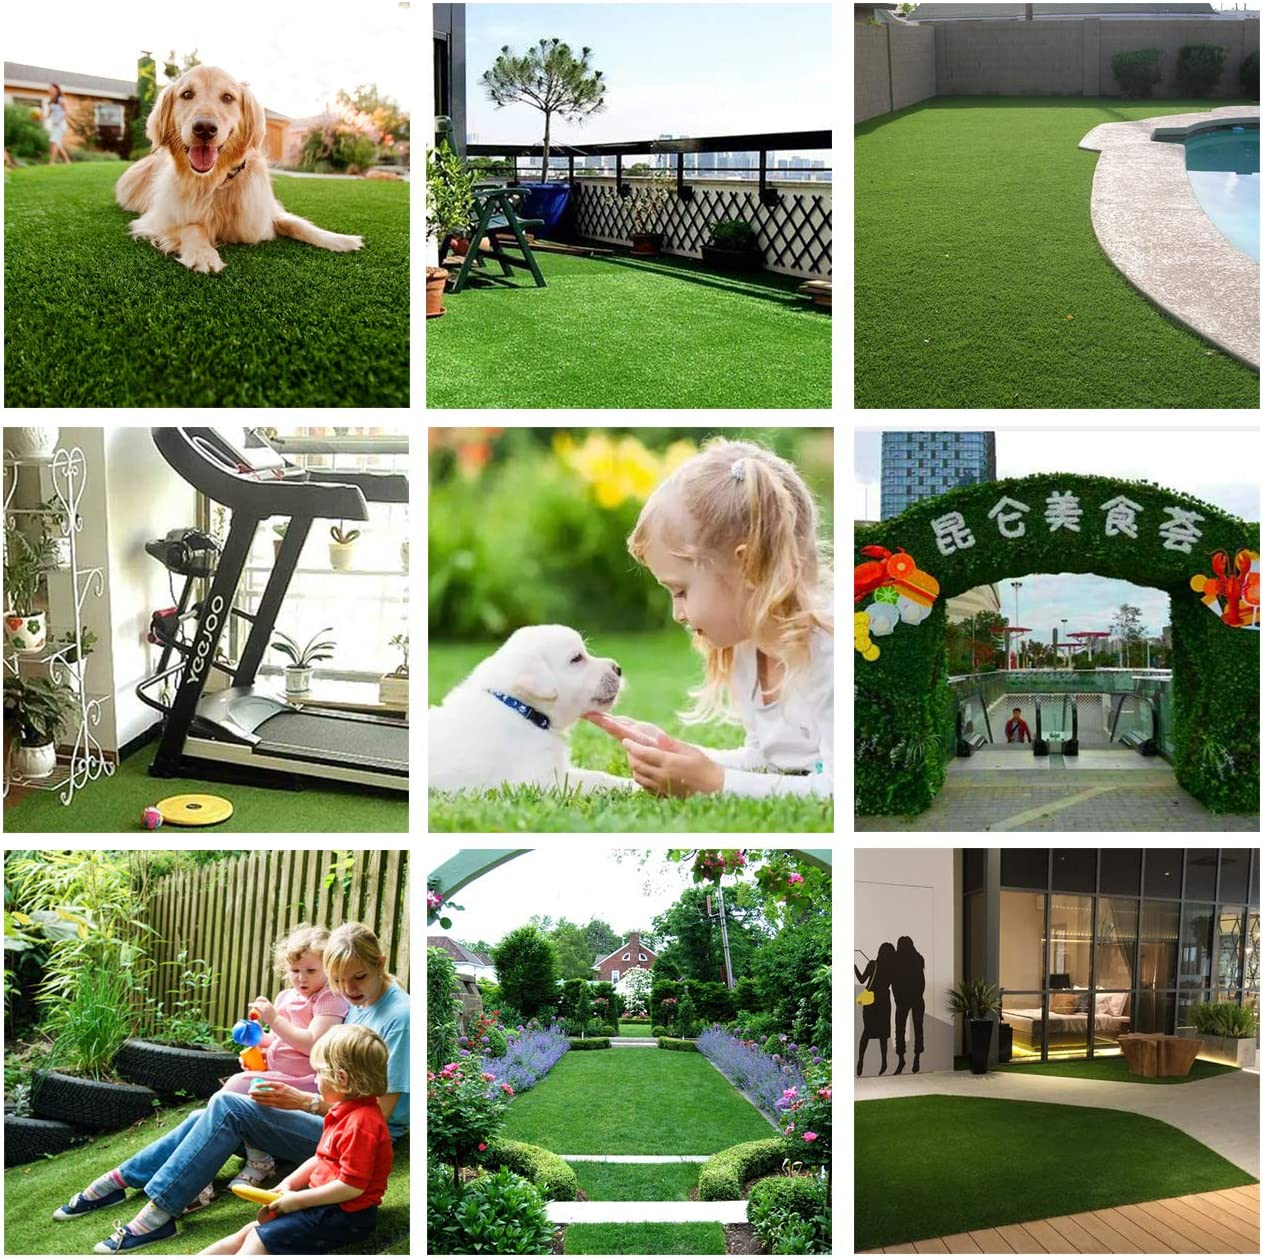 con respaldo de goma y agujeros de drenaje ideal para exteriores como jard/ín patio para mascotas c/ésped altura de la pila de 35 mm de espesor para mascotas o decoraci/ón al aire libre Alfombra de c/ésped artificial